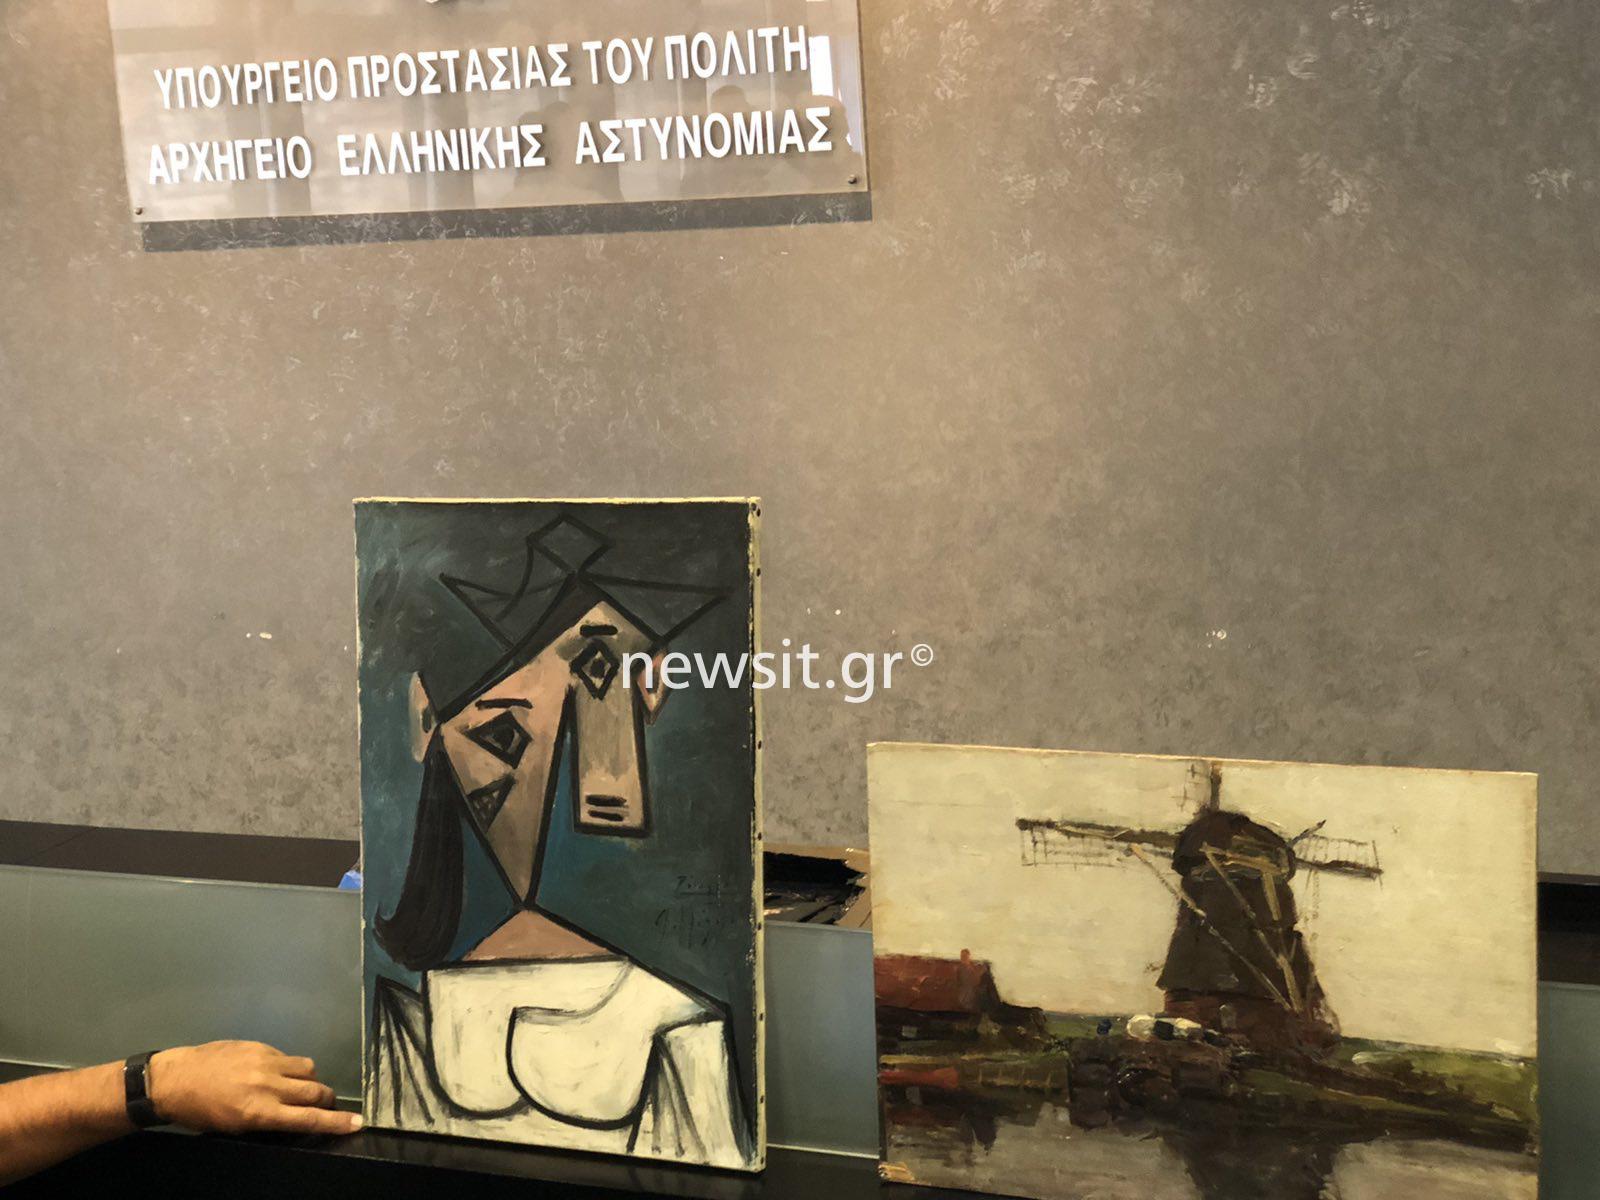 Πικάσο – Εθνική Πινακοθήκη: Λίνα Μενδώνη και Μιχάλης Χρυσοχοΐδης εξηγούν πως εξιχνιάστηκε η κλοπή